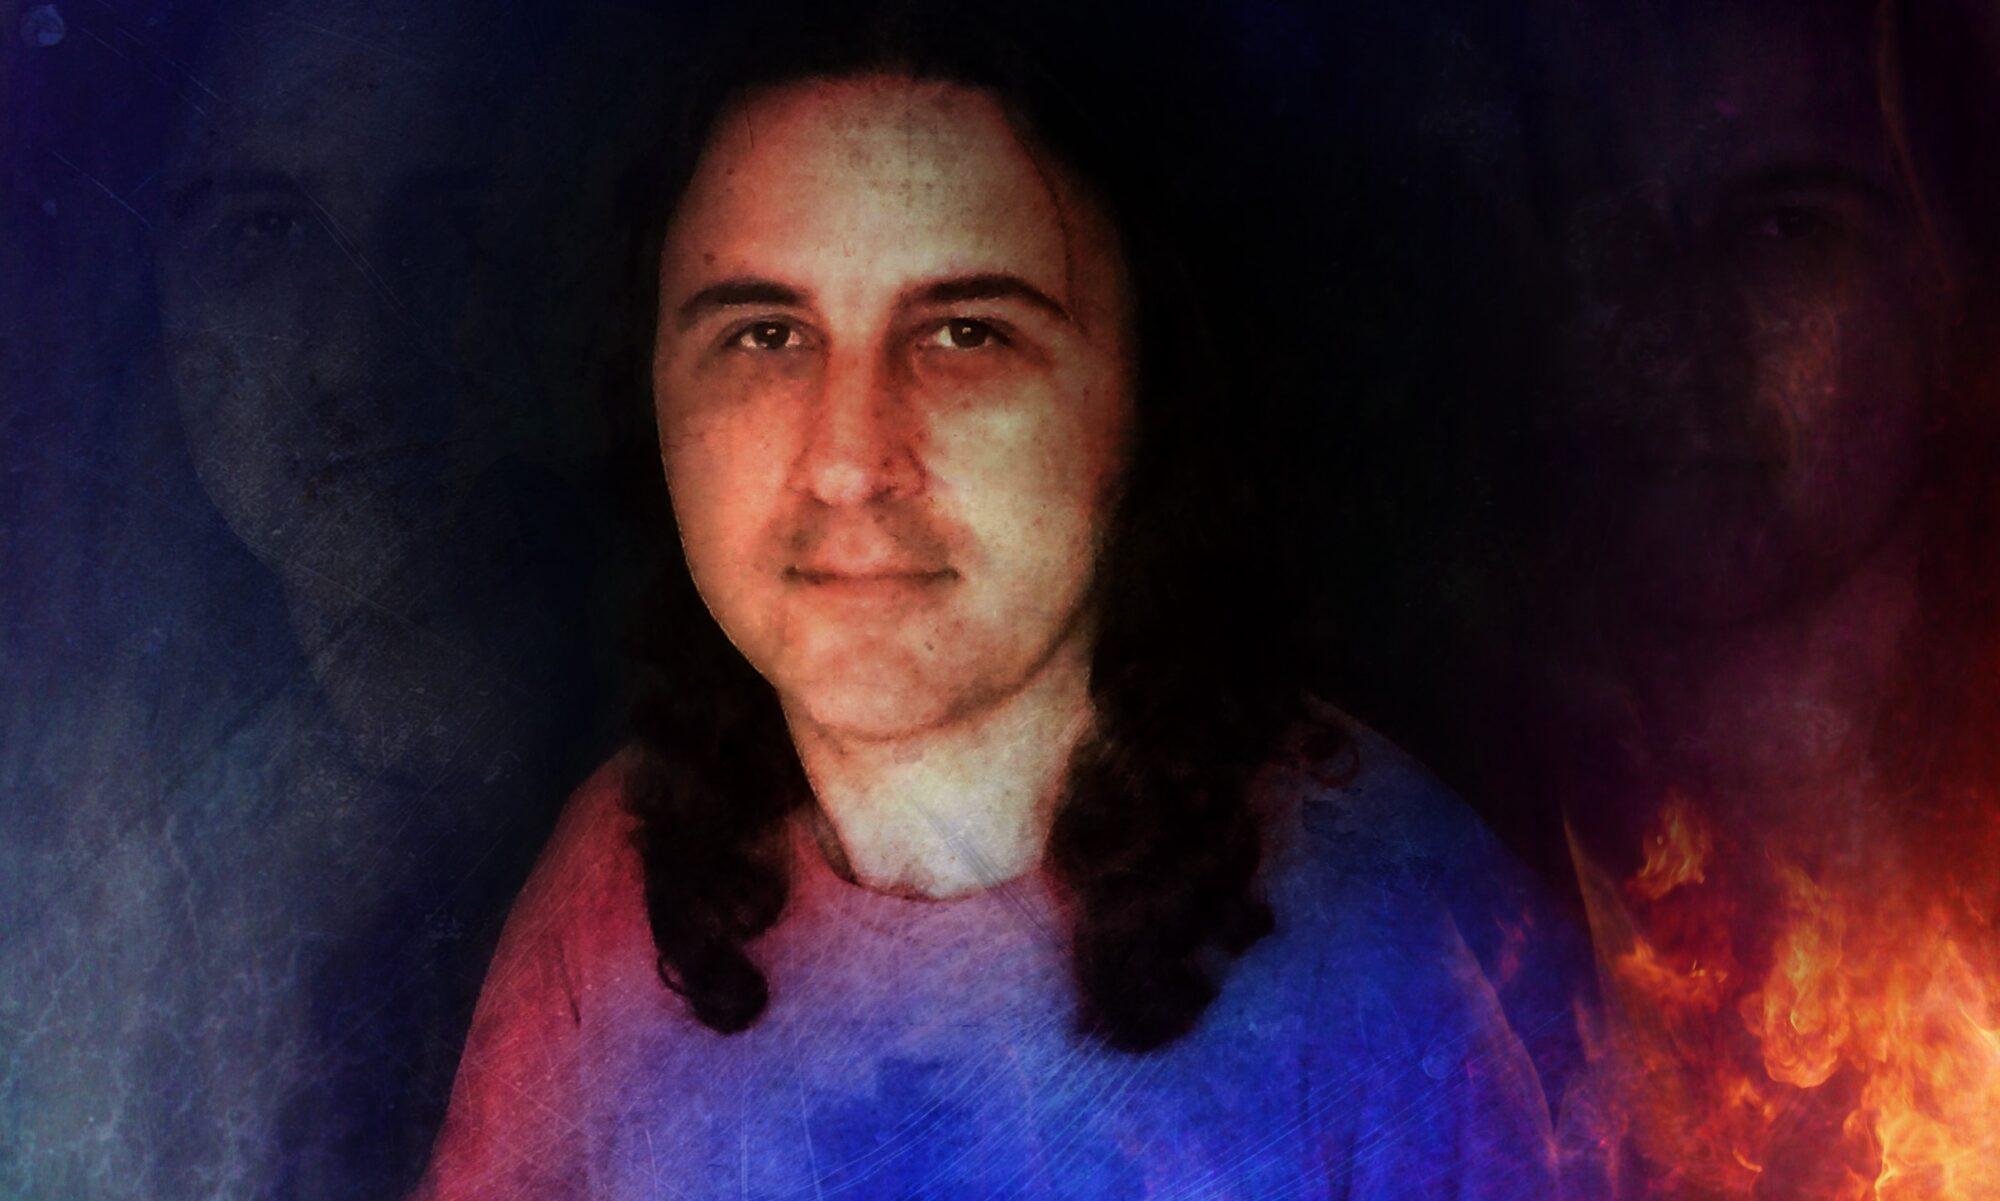 Chris Szkup